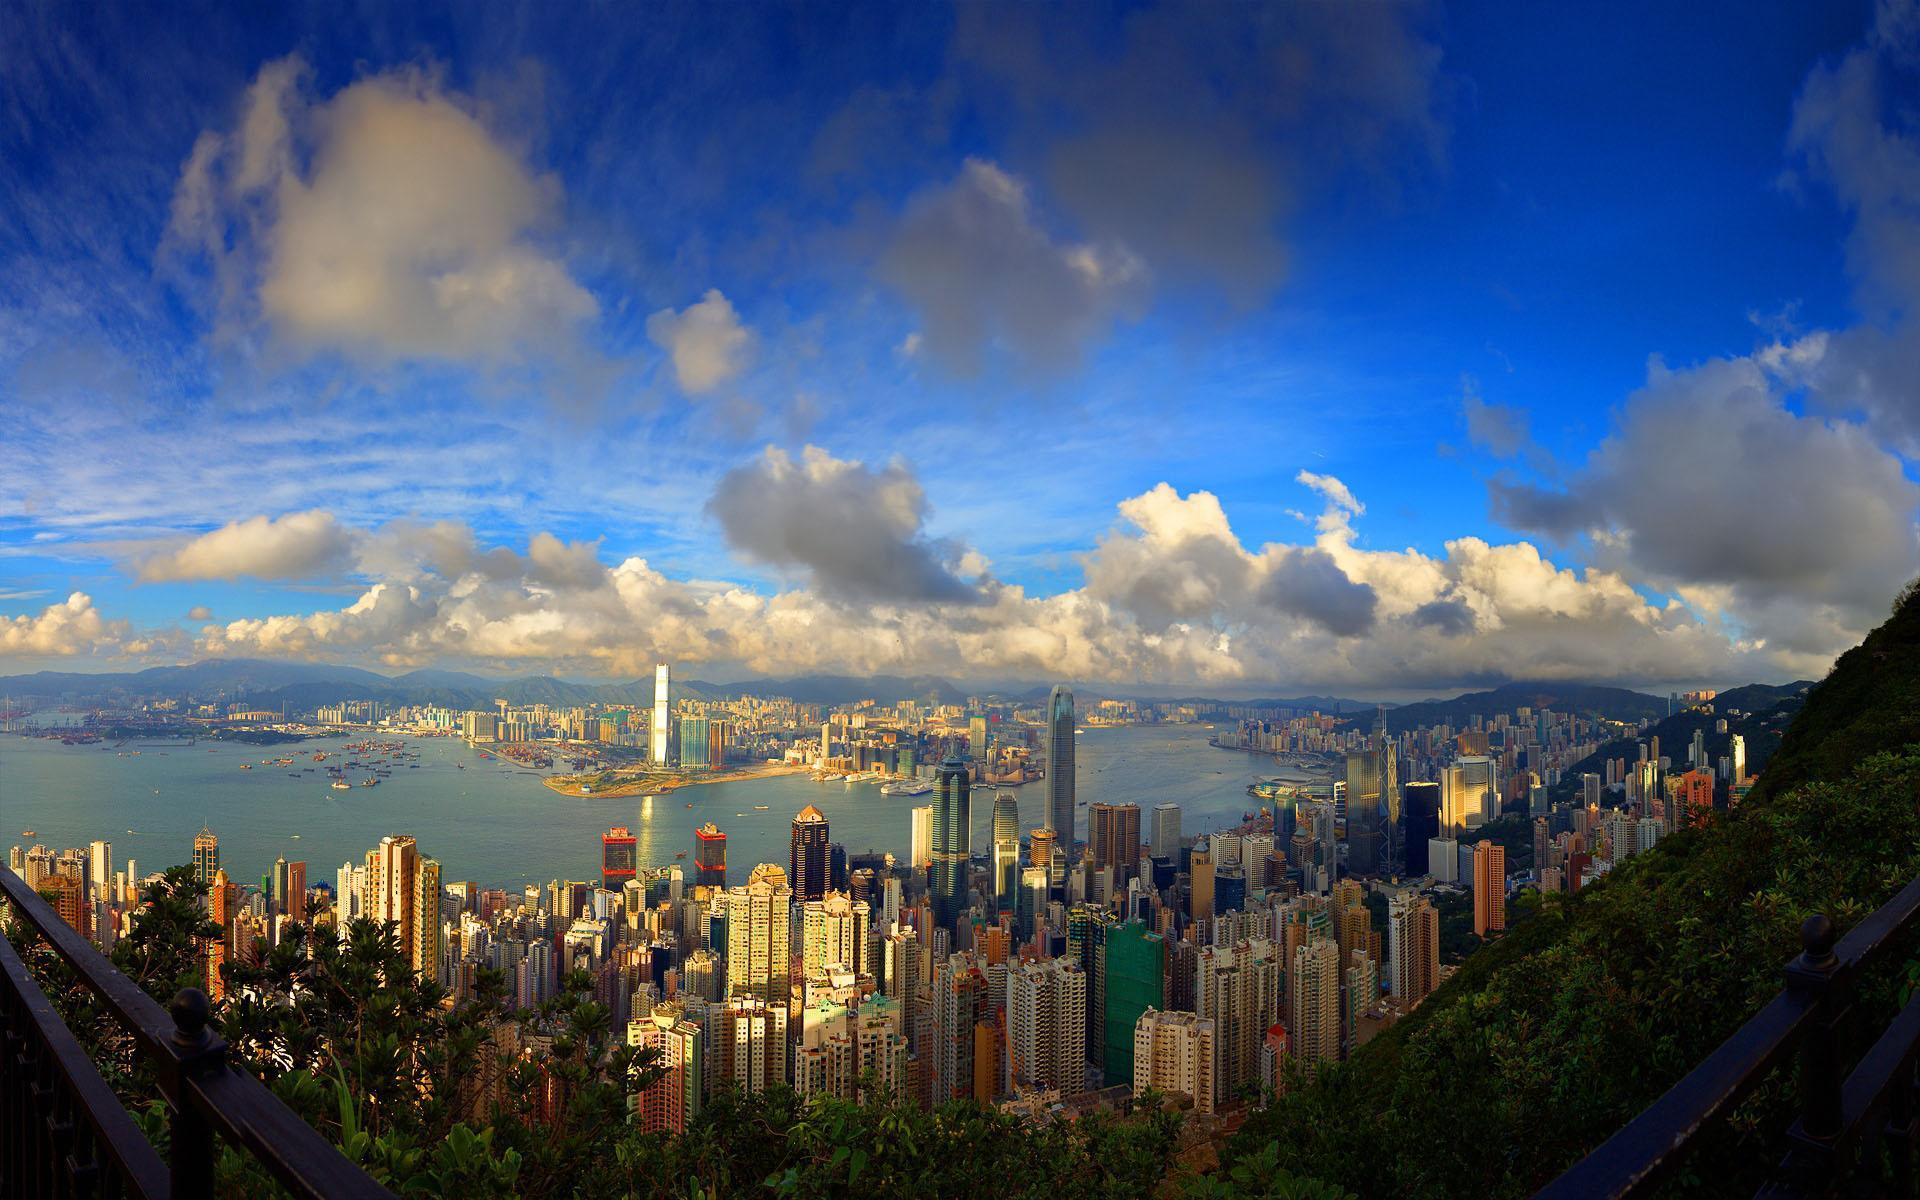 http://3.bp.blogspot.com/-2PfSfnFm34s/UEYPkEfSUdI/AAAAAAAAEwU/3O-C3gDfu_A/s1920/Beautiful-aerial-view-of-Hong-Kong-1920.jpg